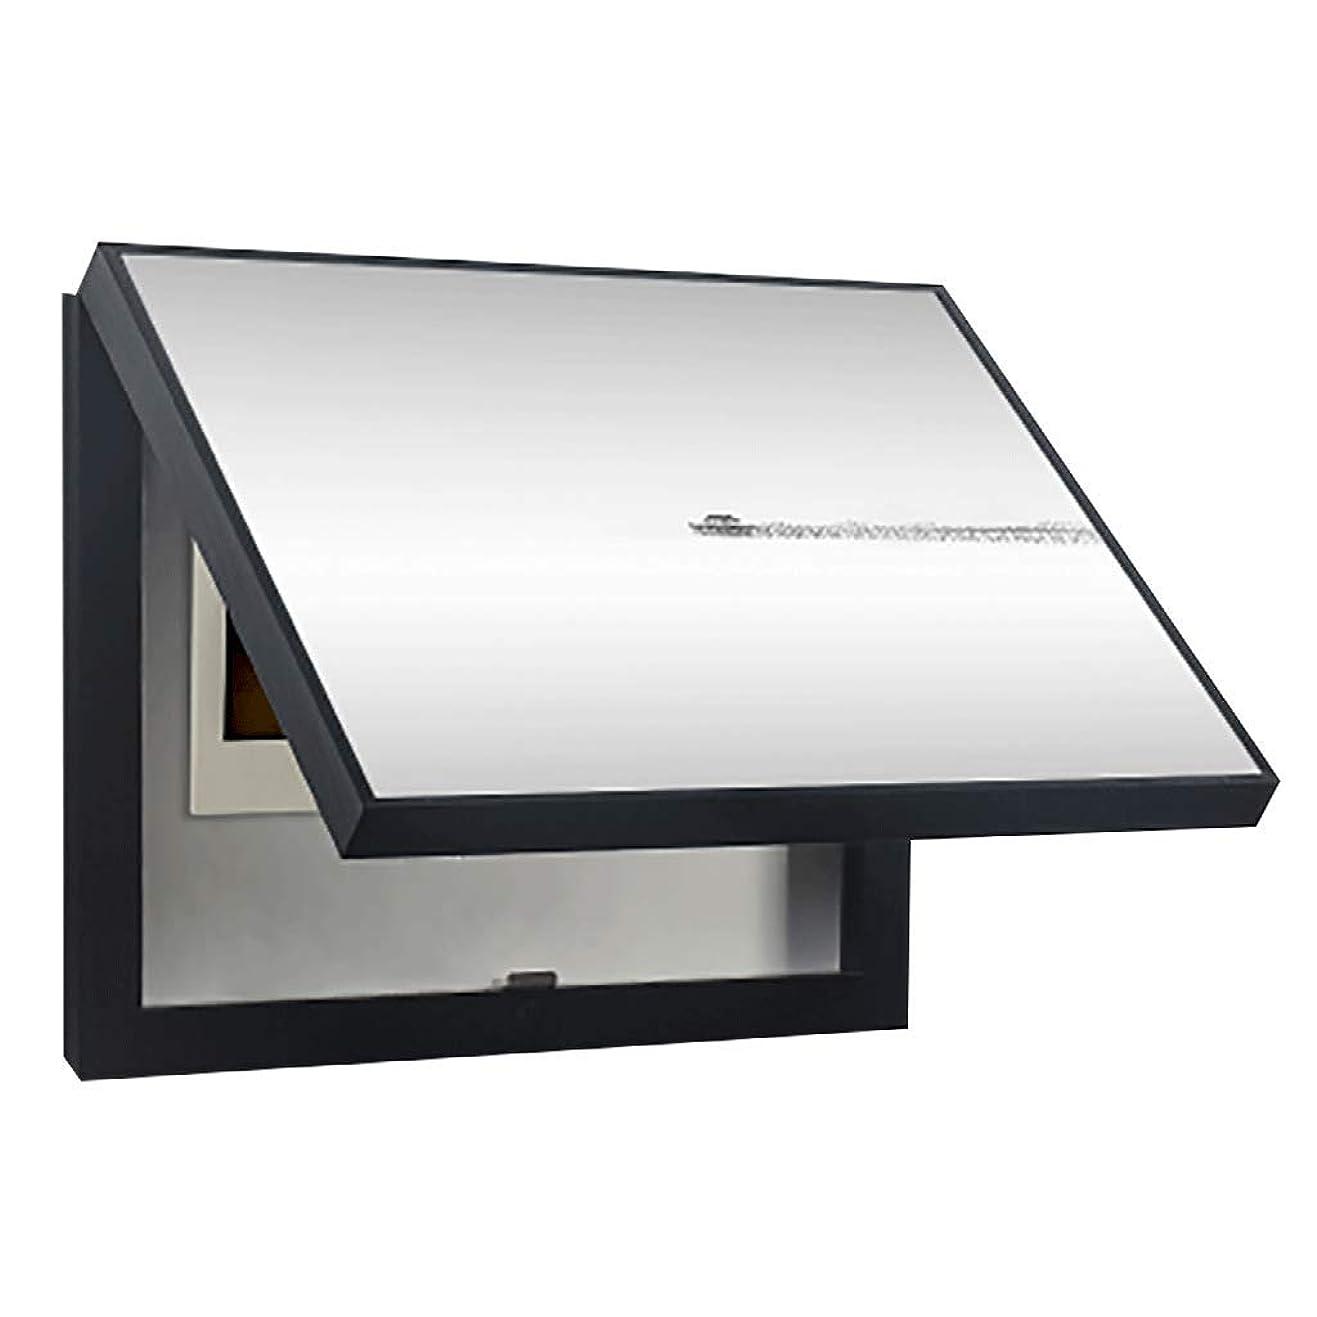 怒りガラガラ実際QIQIDEDIAN 電気メーターボックス装飾絵画油圧流通ボックス装飾絵画絵画パワースイッチカバーポーチ絵画 (Color : Black, Size : (50*40cm 40*30cm)-Flip cover)